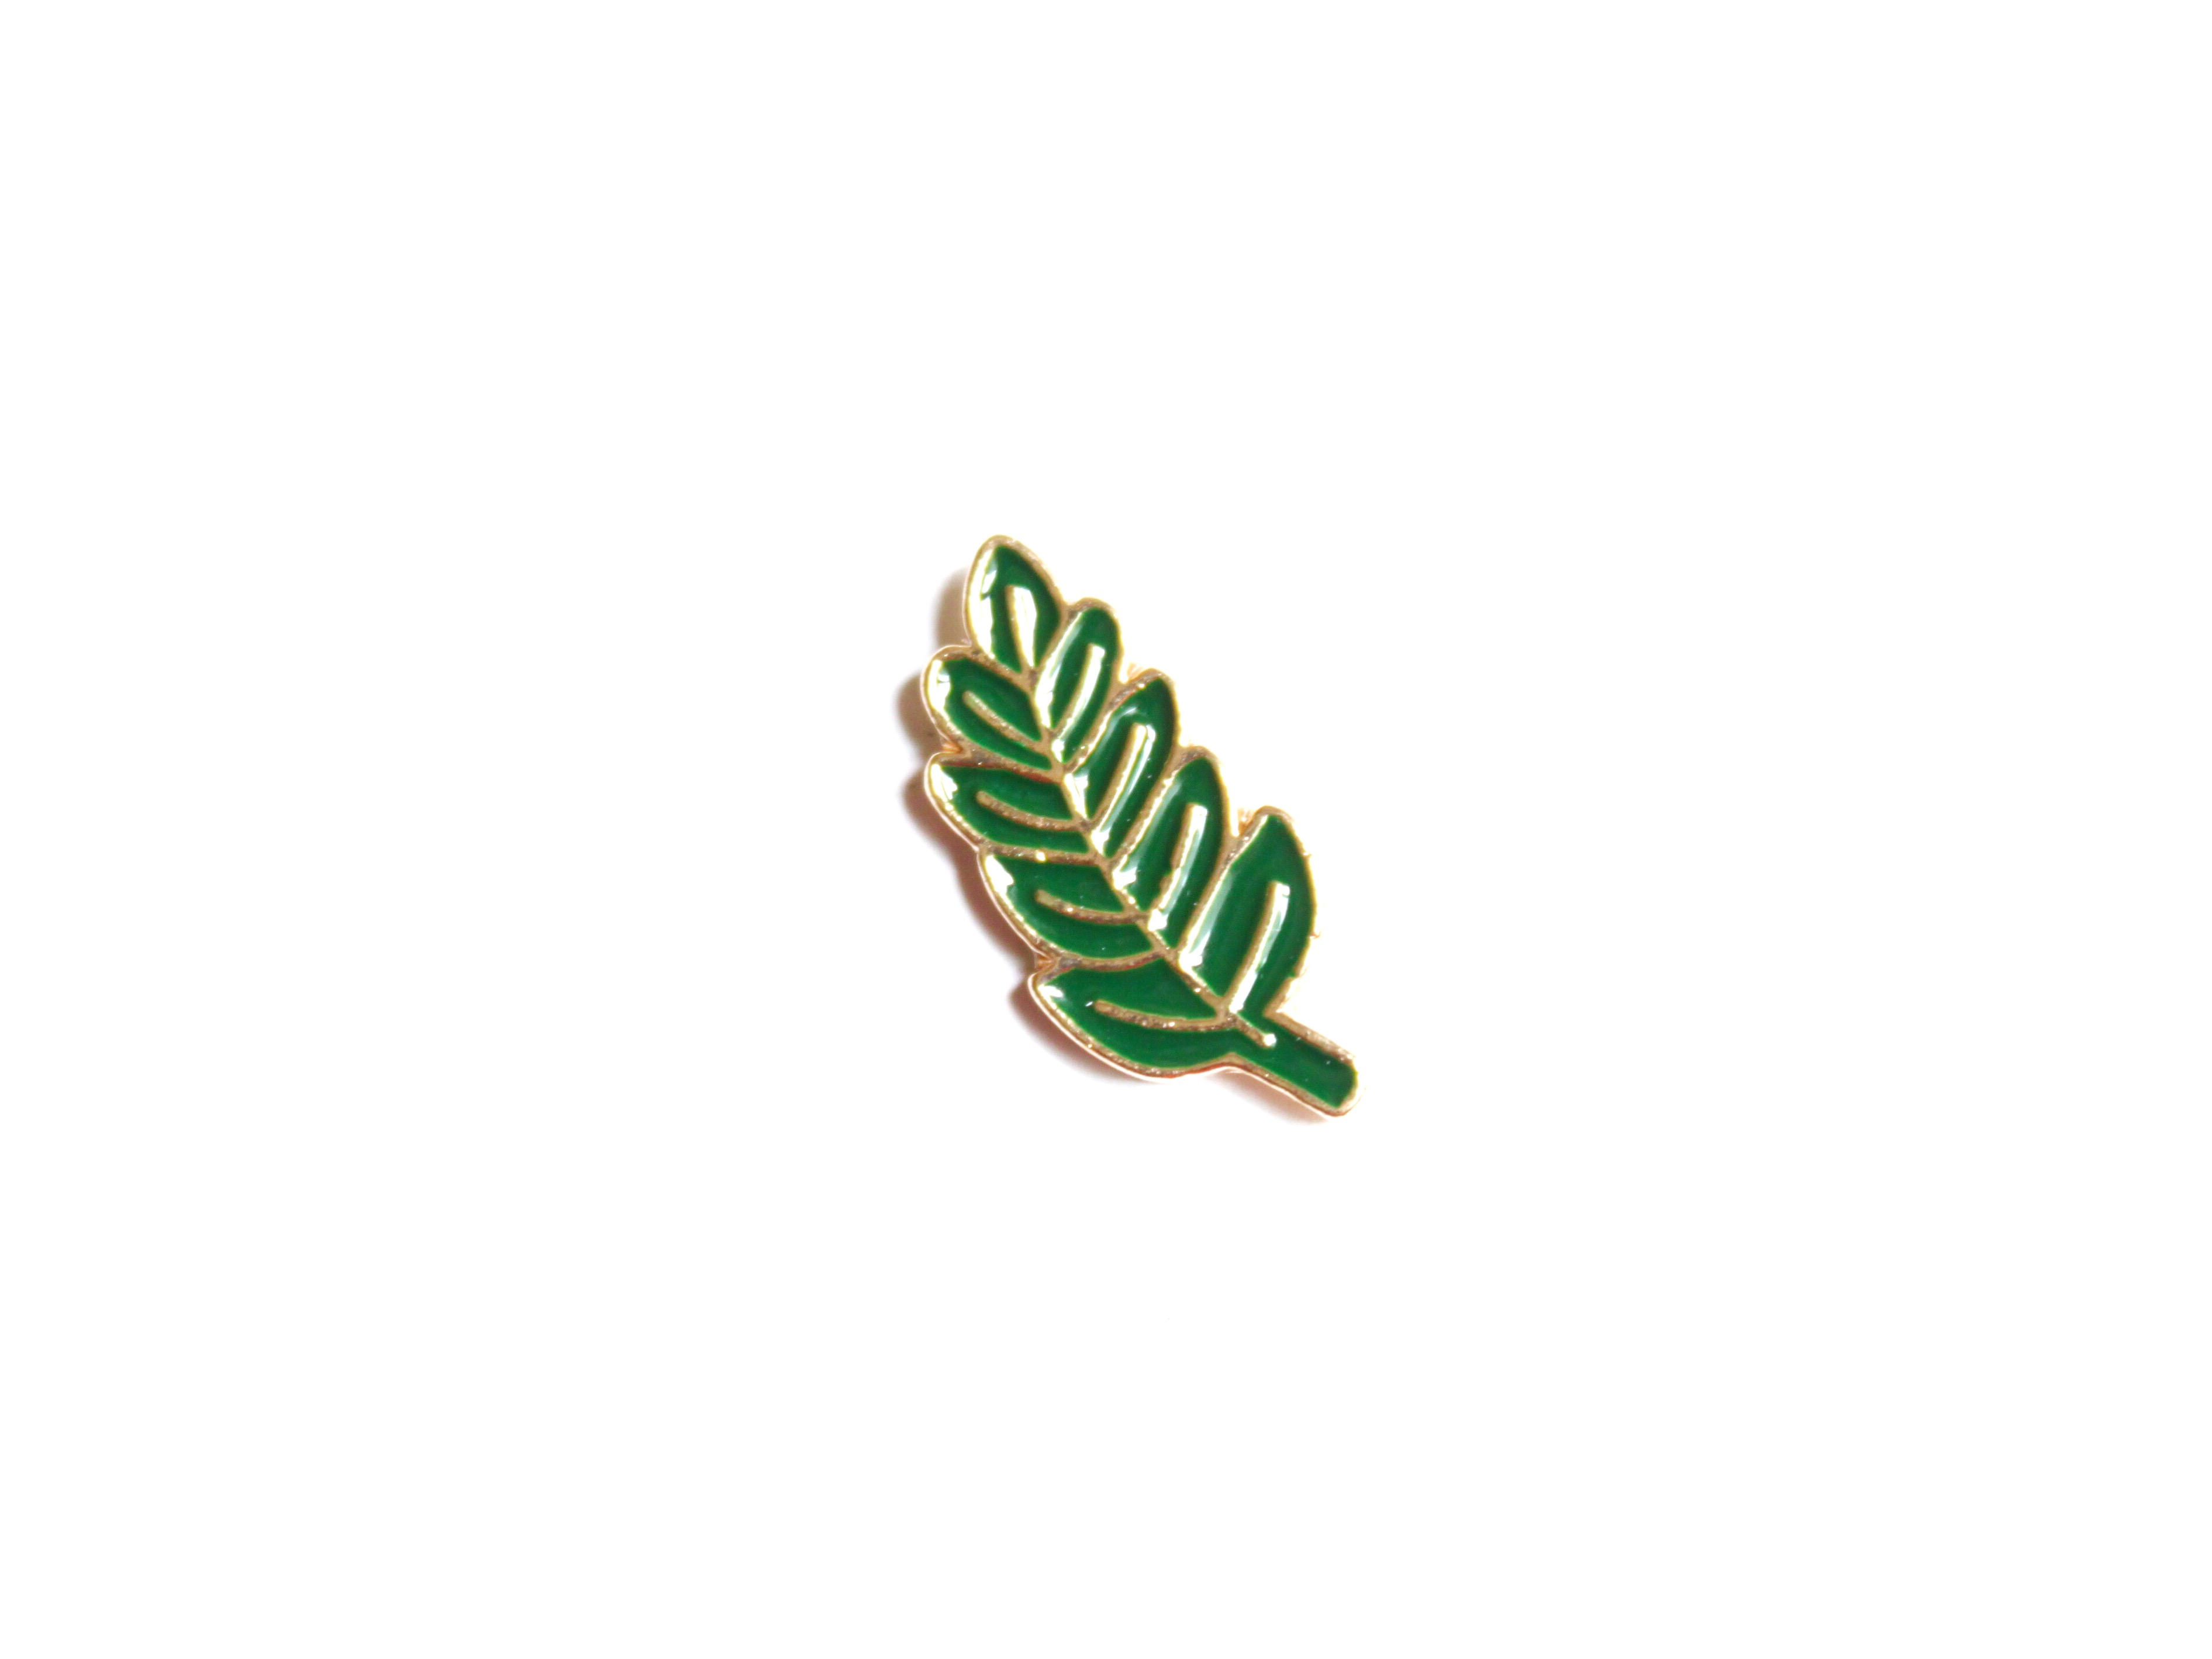 pin's feuille verte